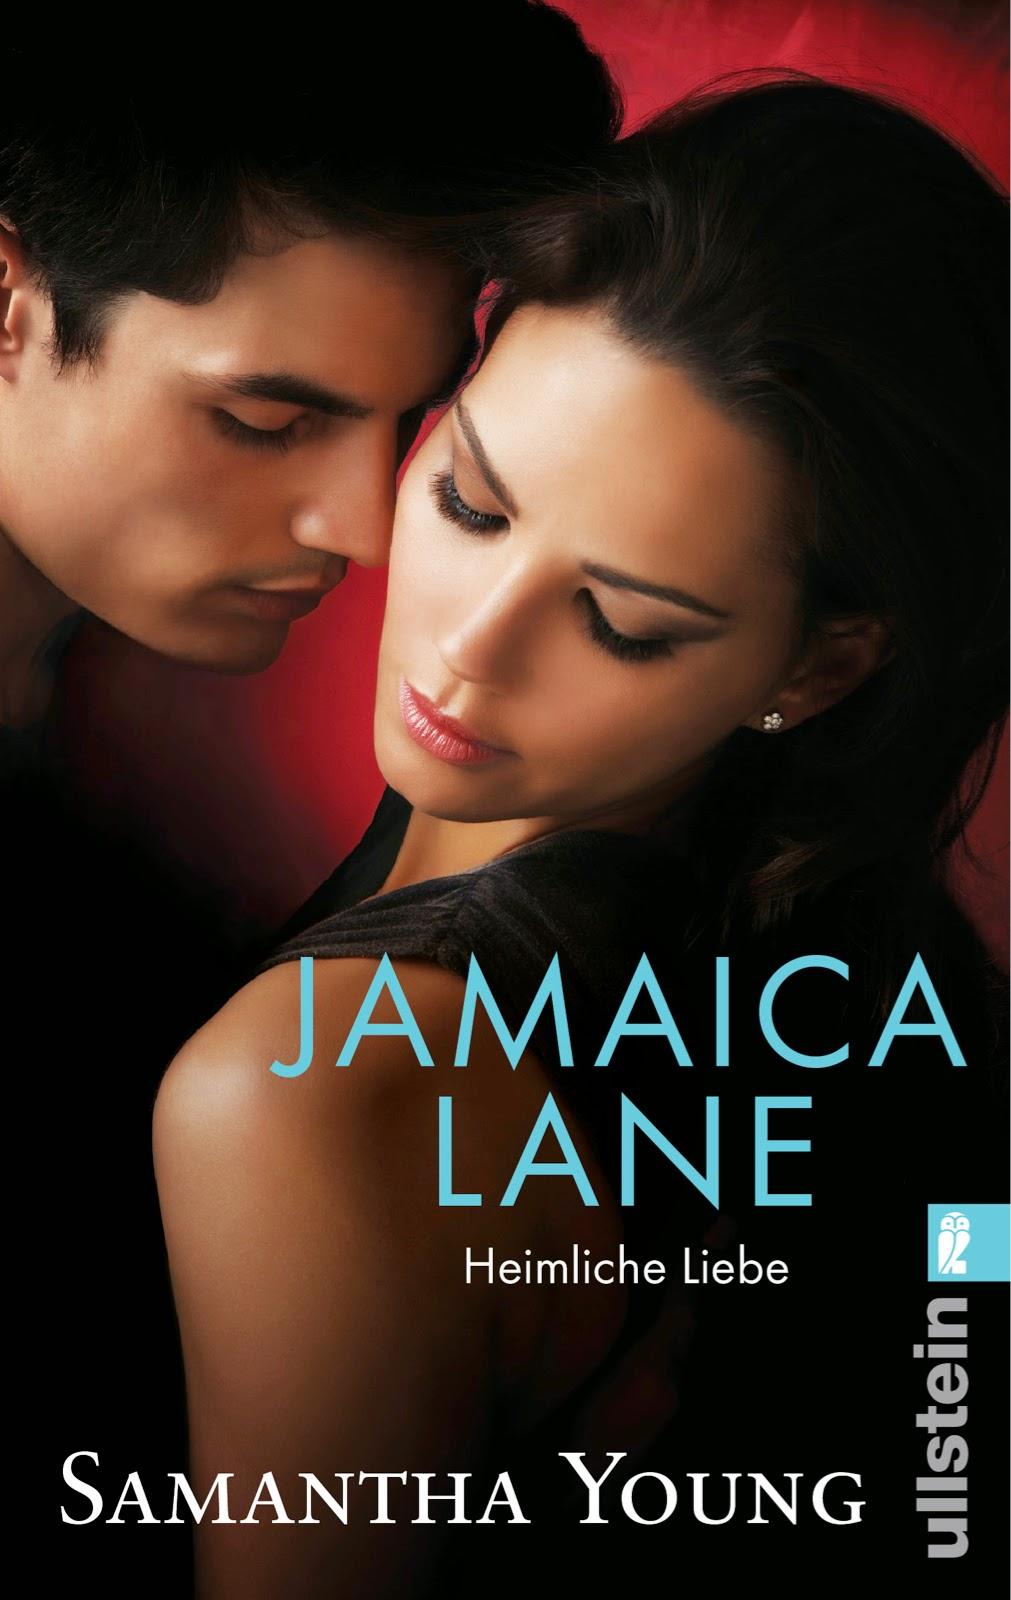 http://www.amazon.de/Jamaica-Lane-Heimliche-Deutsche-Edinburgh/dp/3548286356/ref=pd_sim_b_1?ie=UTF8&refRID=1G2TT6DQTH1H2HPFXB42